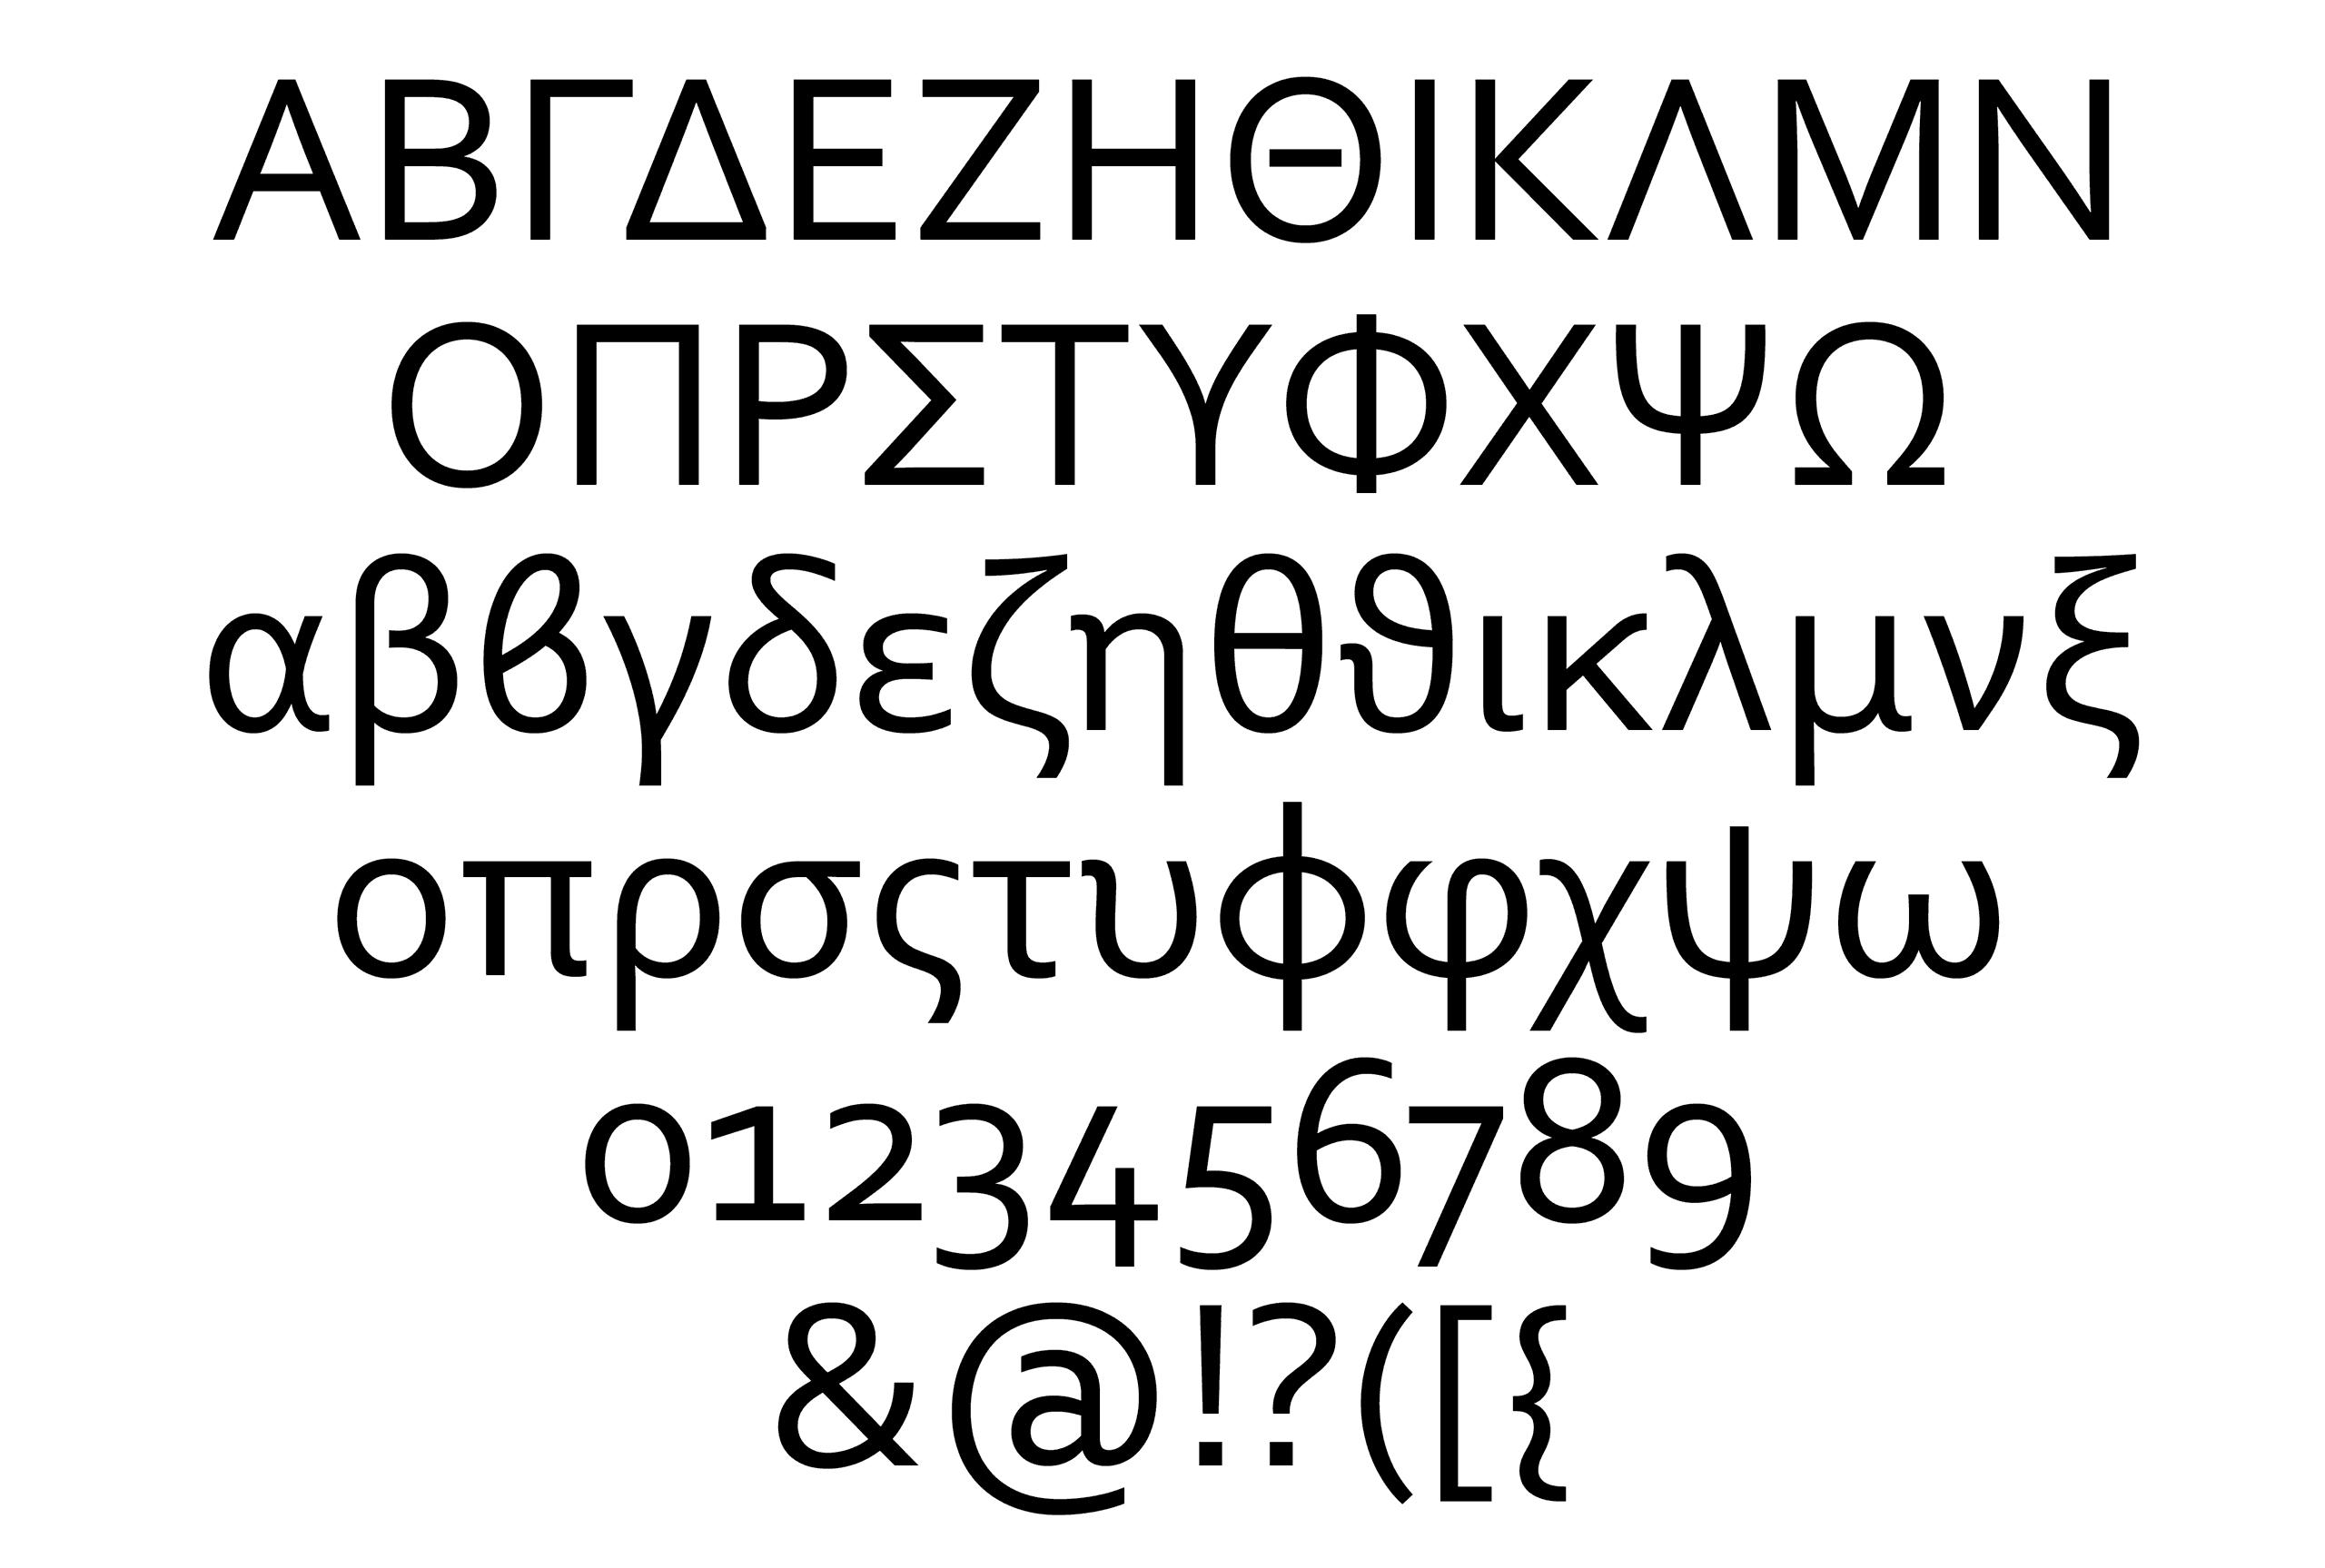 D6 Cbl 03